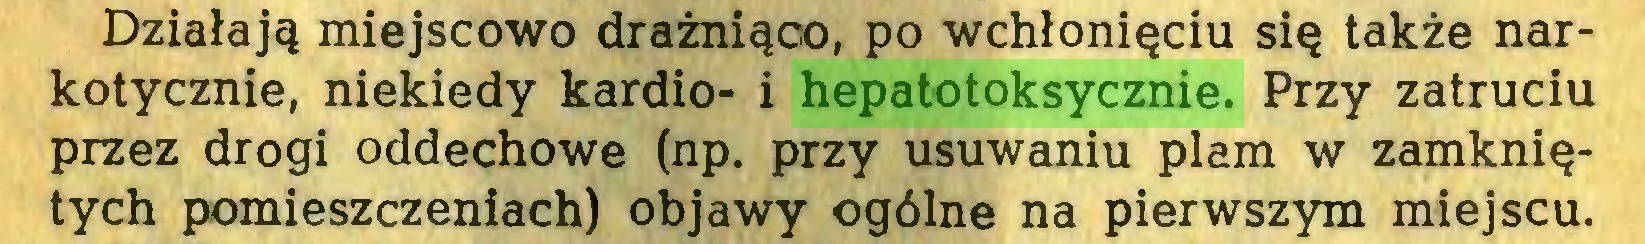 (...) Działają miejscowo drażniąco, po wchłonięciu się także narkotycznie, niekiedy kardio- i hepatotoksycznie. Przy zatruciu przez drogi oddechowe (np. przy usuwaniu plam w zamkniętych pomieszczeniach) objawy ogólne na pierwszym miejscu...